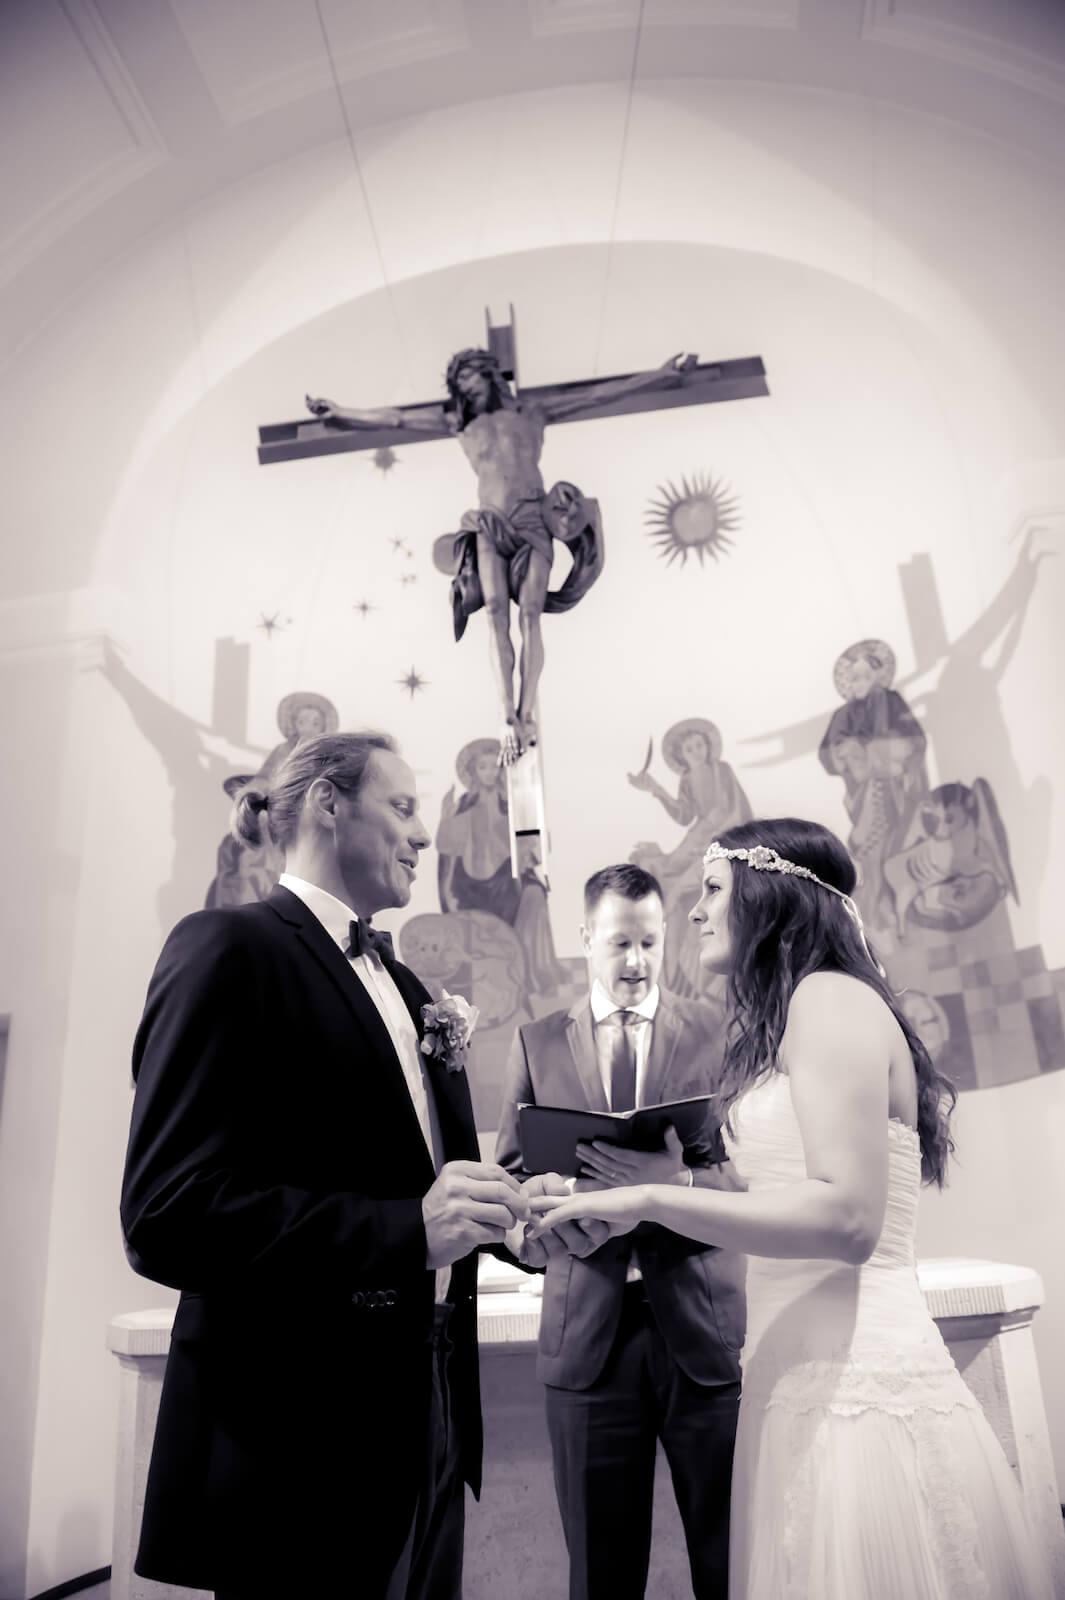 Hochzeit Bohostyle Landsberg - das Brautpaar bei der Zeremonie in der Kirche